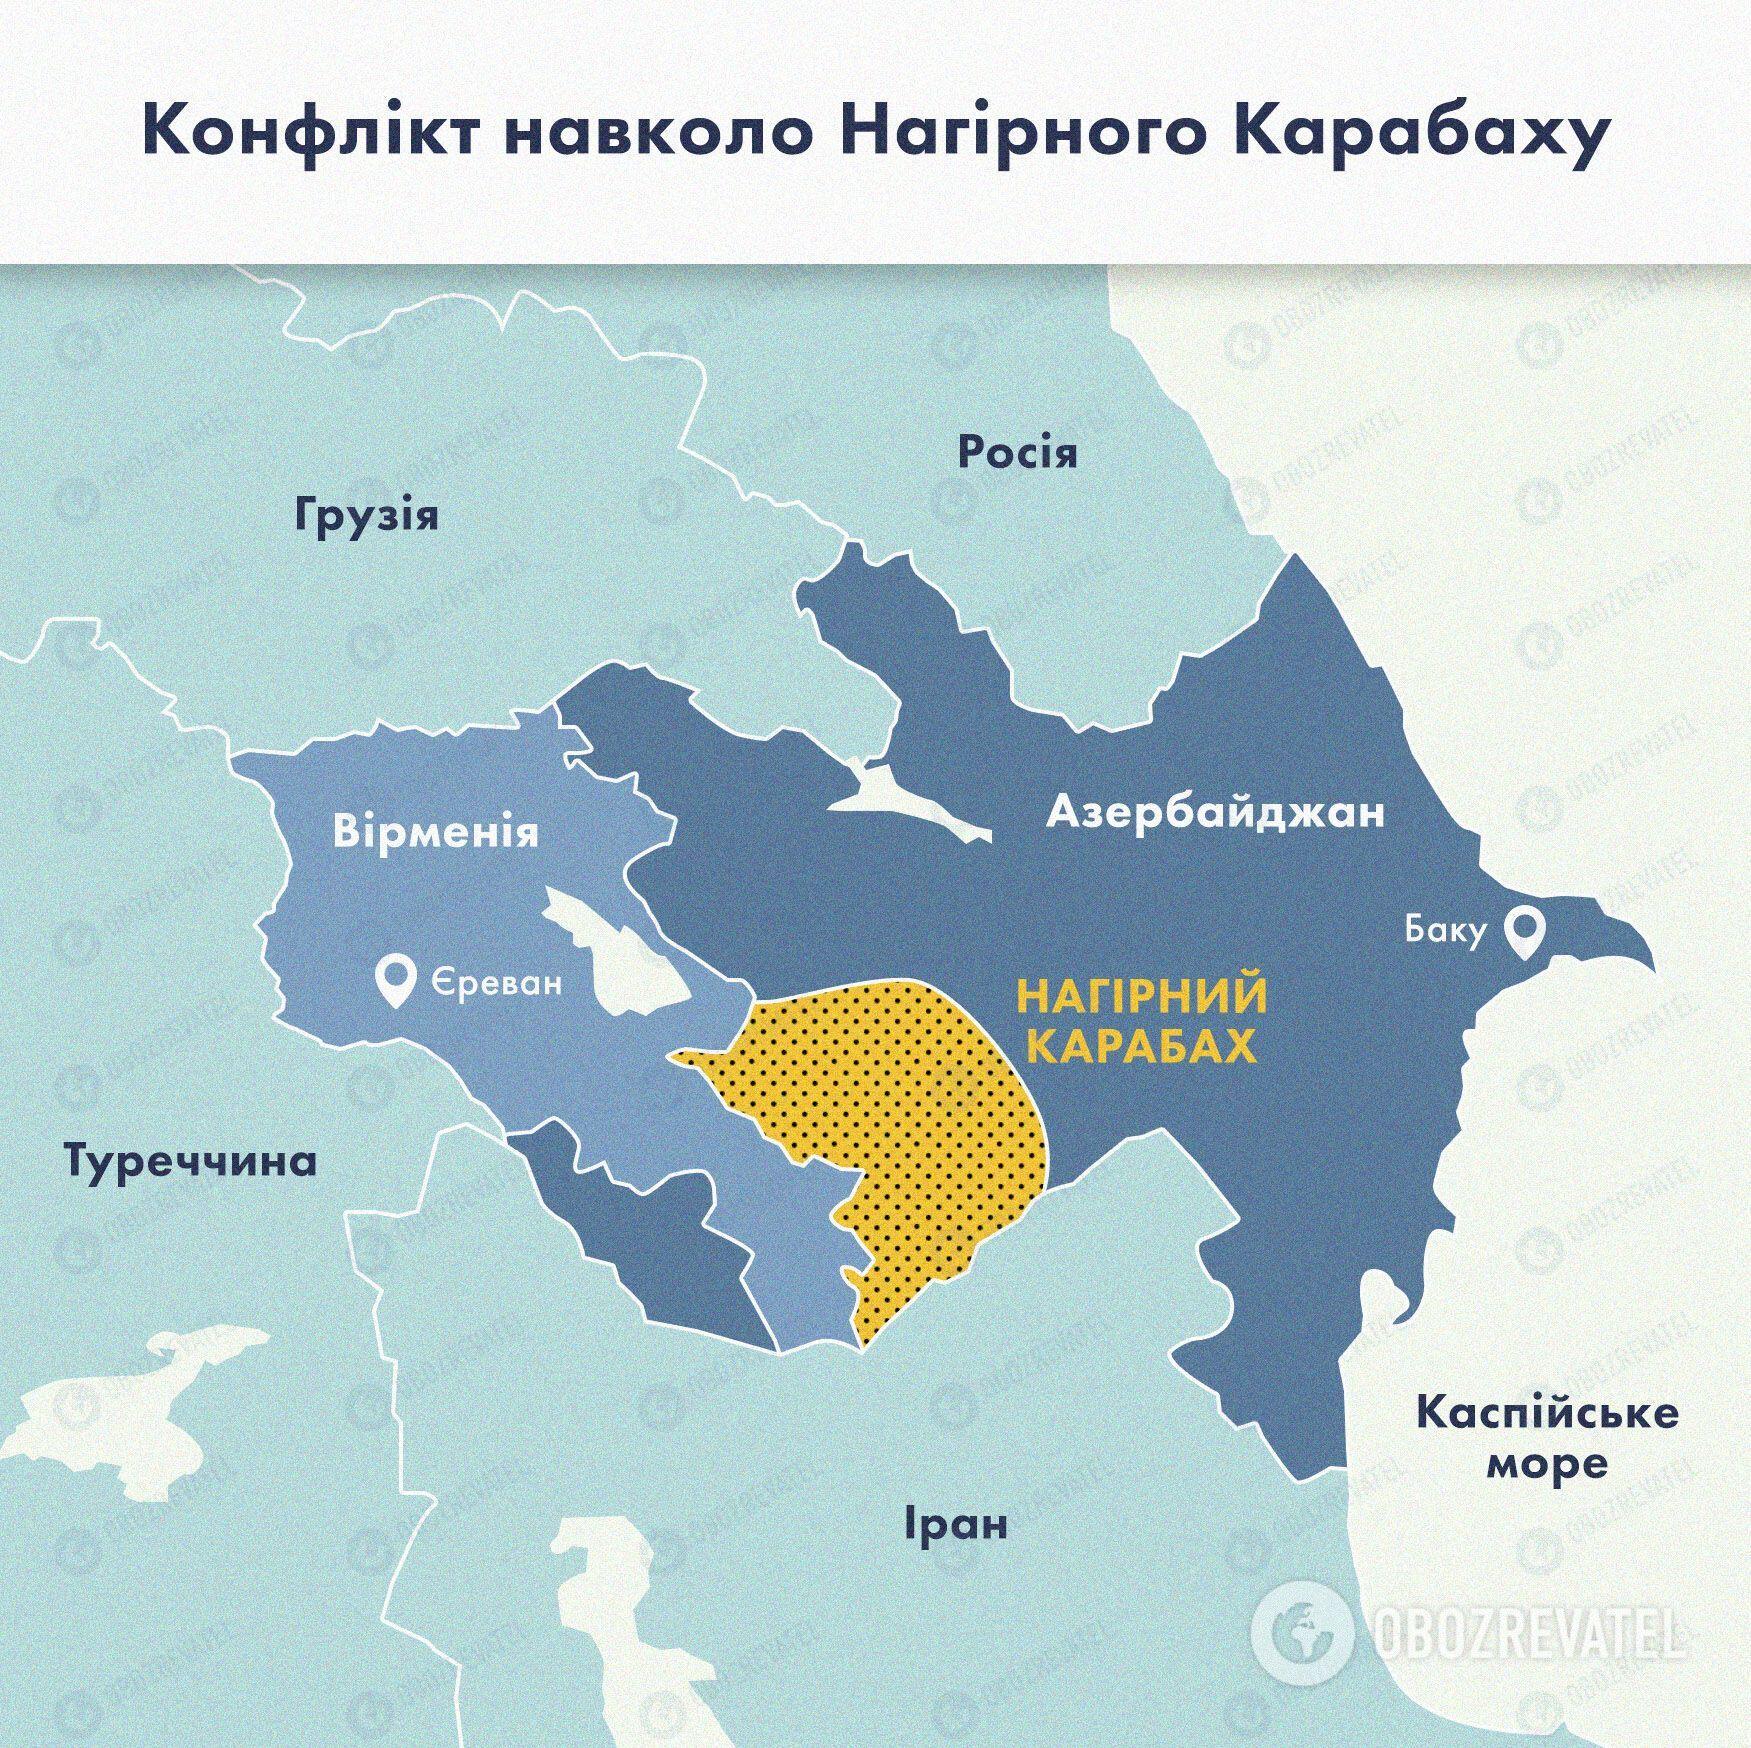 Конфликт в непризнанном Нагорном Карабахе.